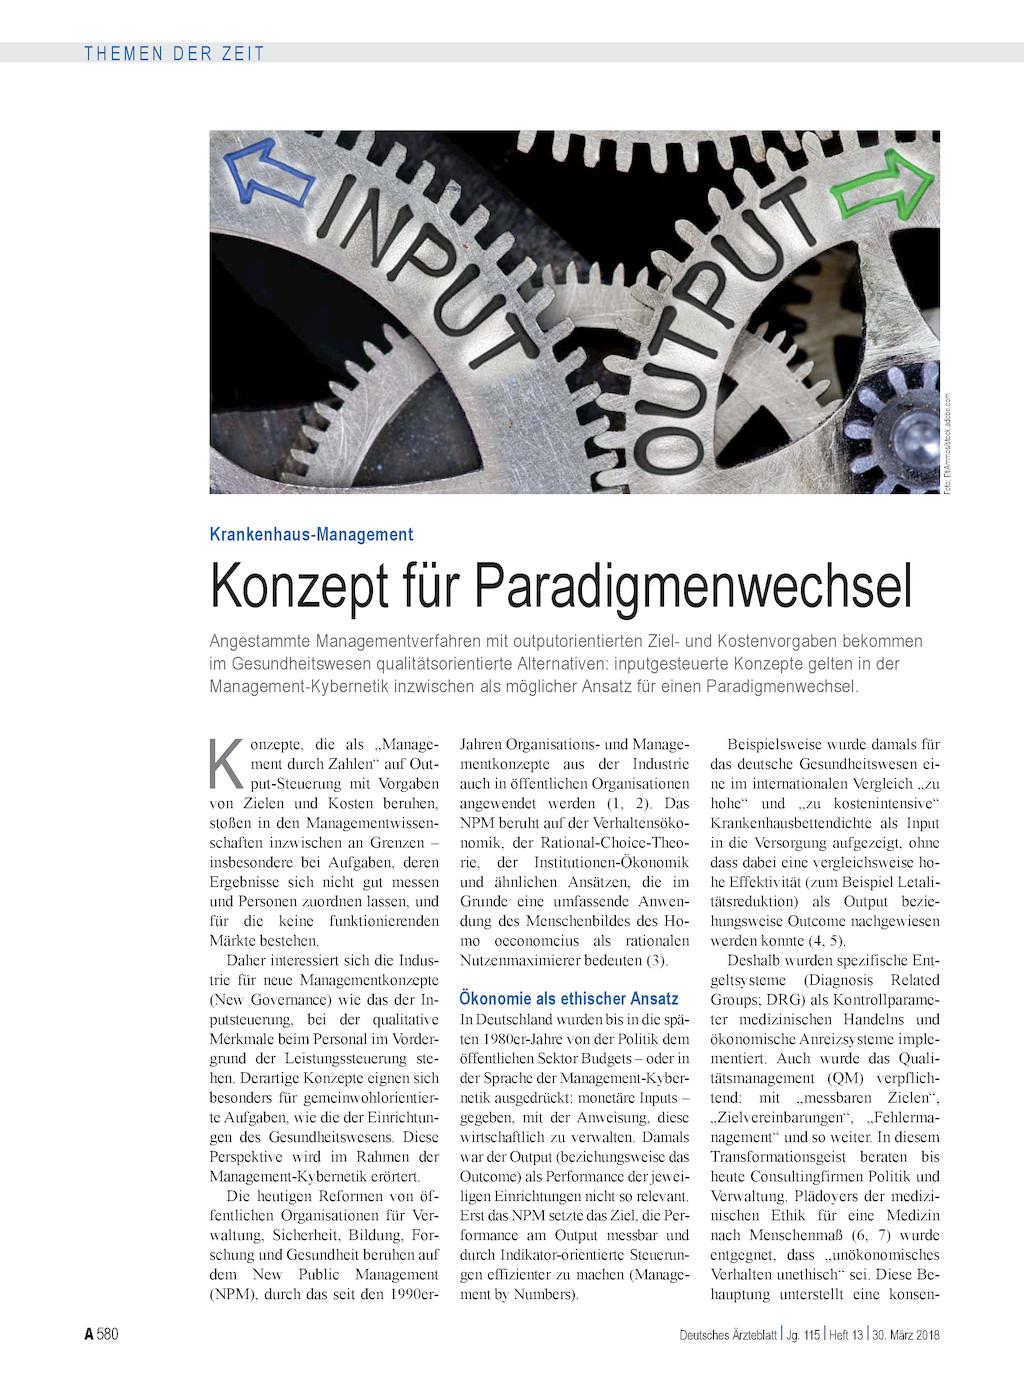 Krankenhaus-Management: Konzept für Paradigmenwechsel